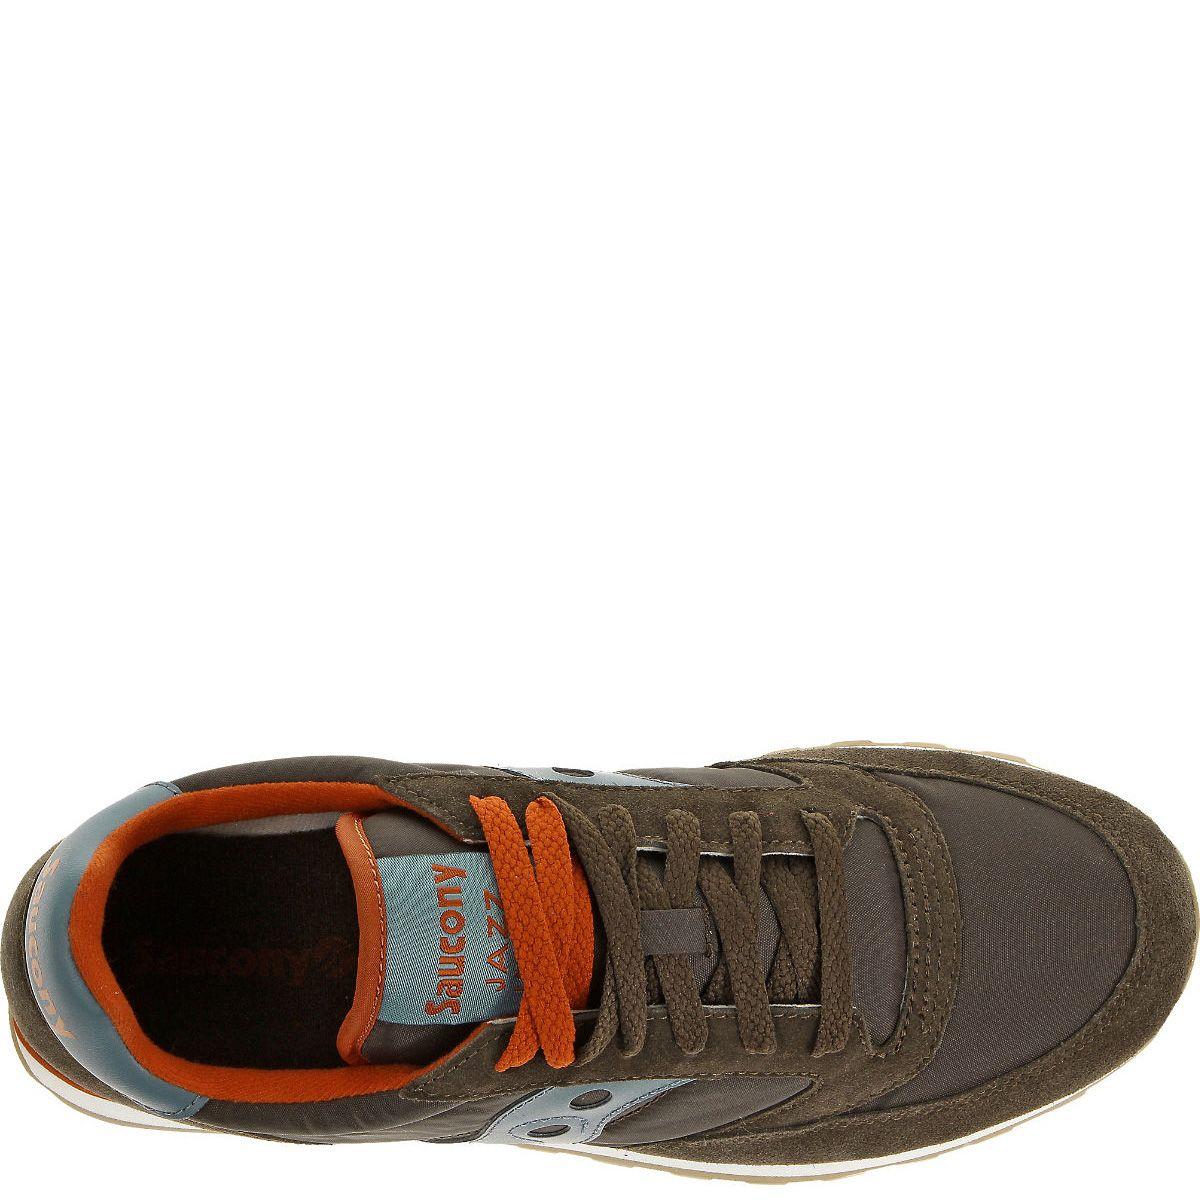 Кроссовки Saucony Jazz Low Pro коричневые с серо-голубым и приглушенным оранжевым